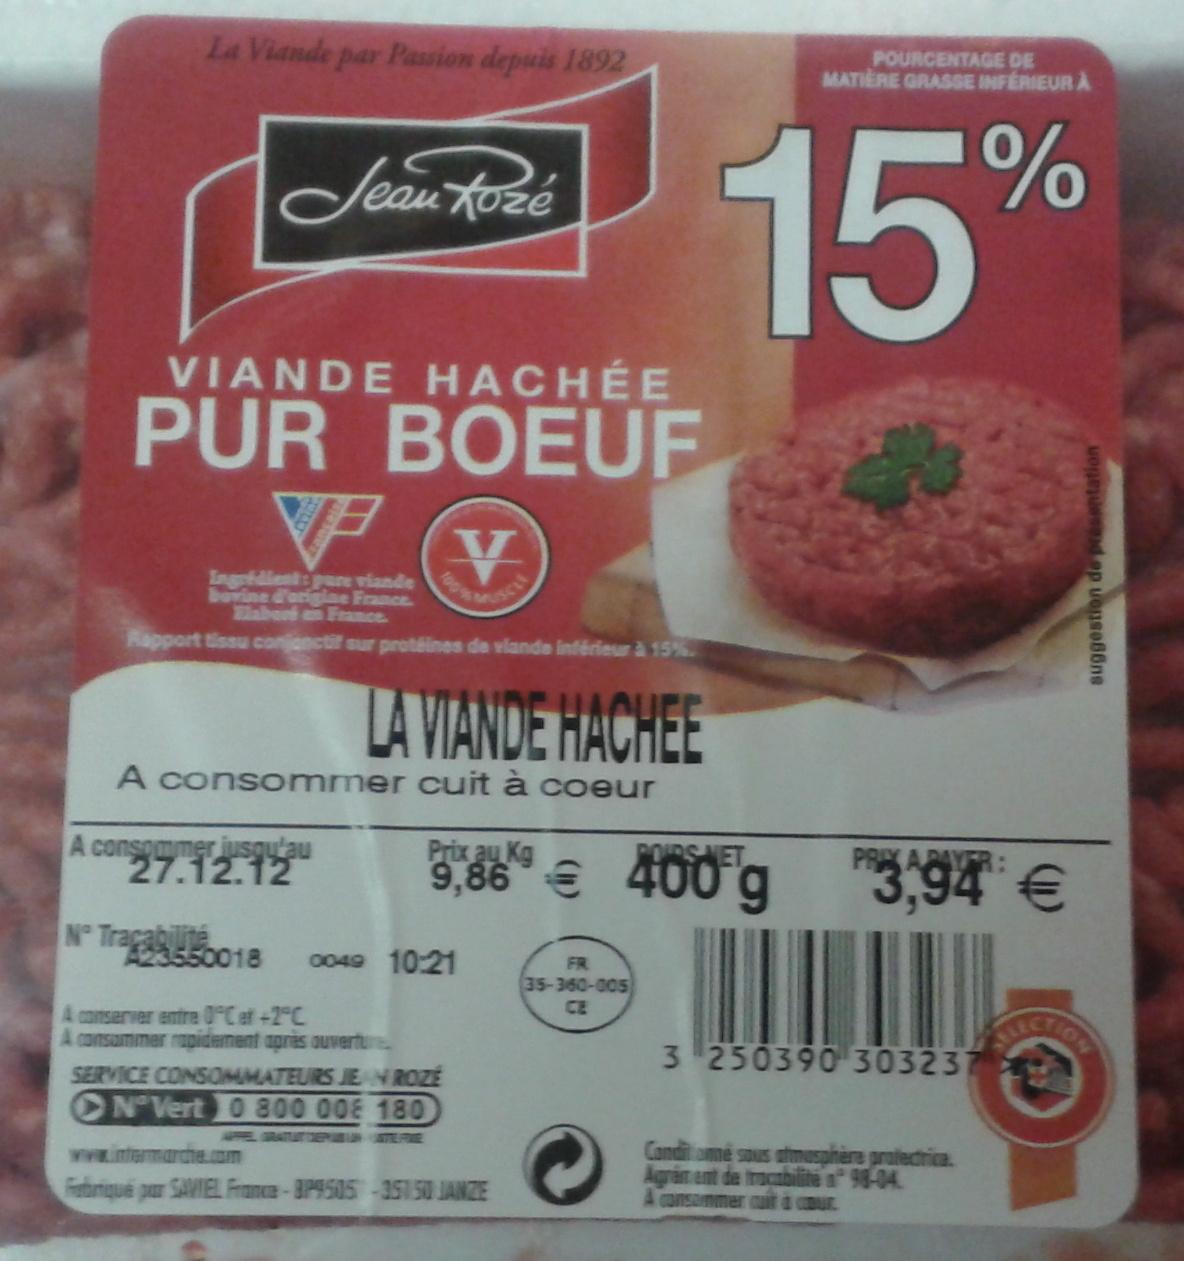 La Viande Hachée (15 % MG) - Pur Bœuf - Informations nutritionnelles